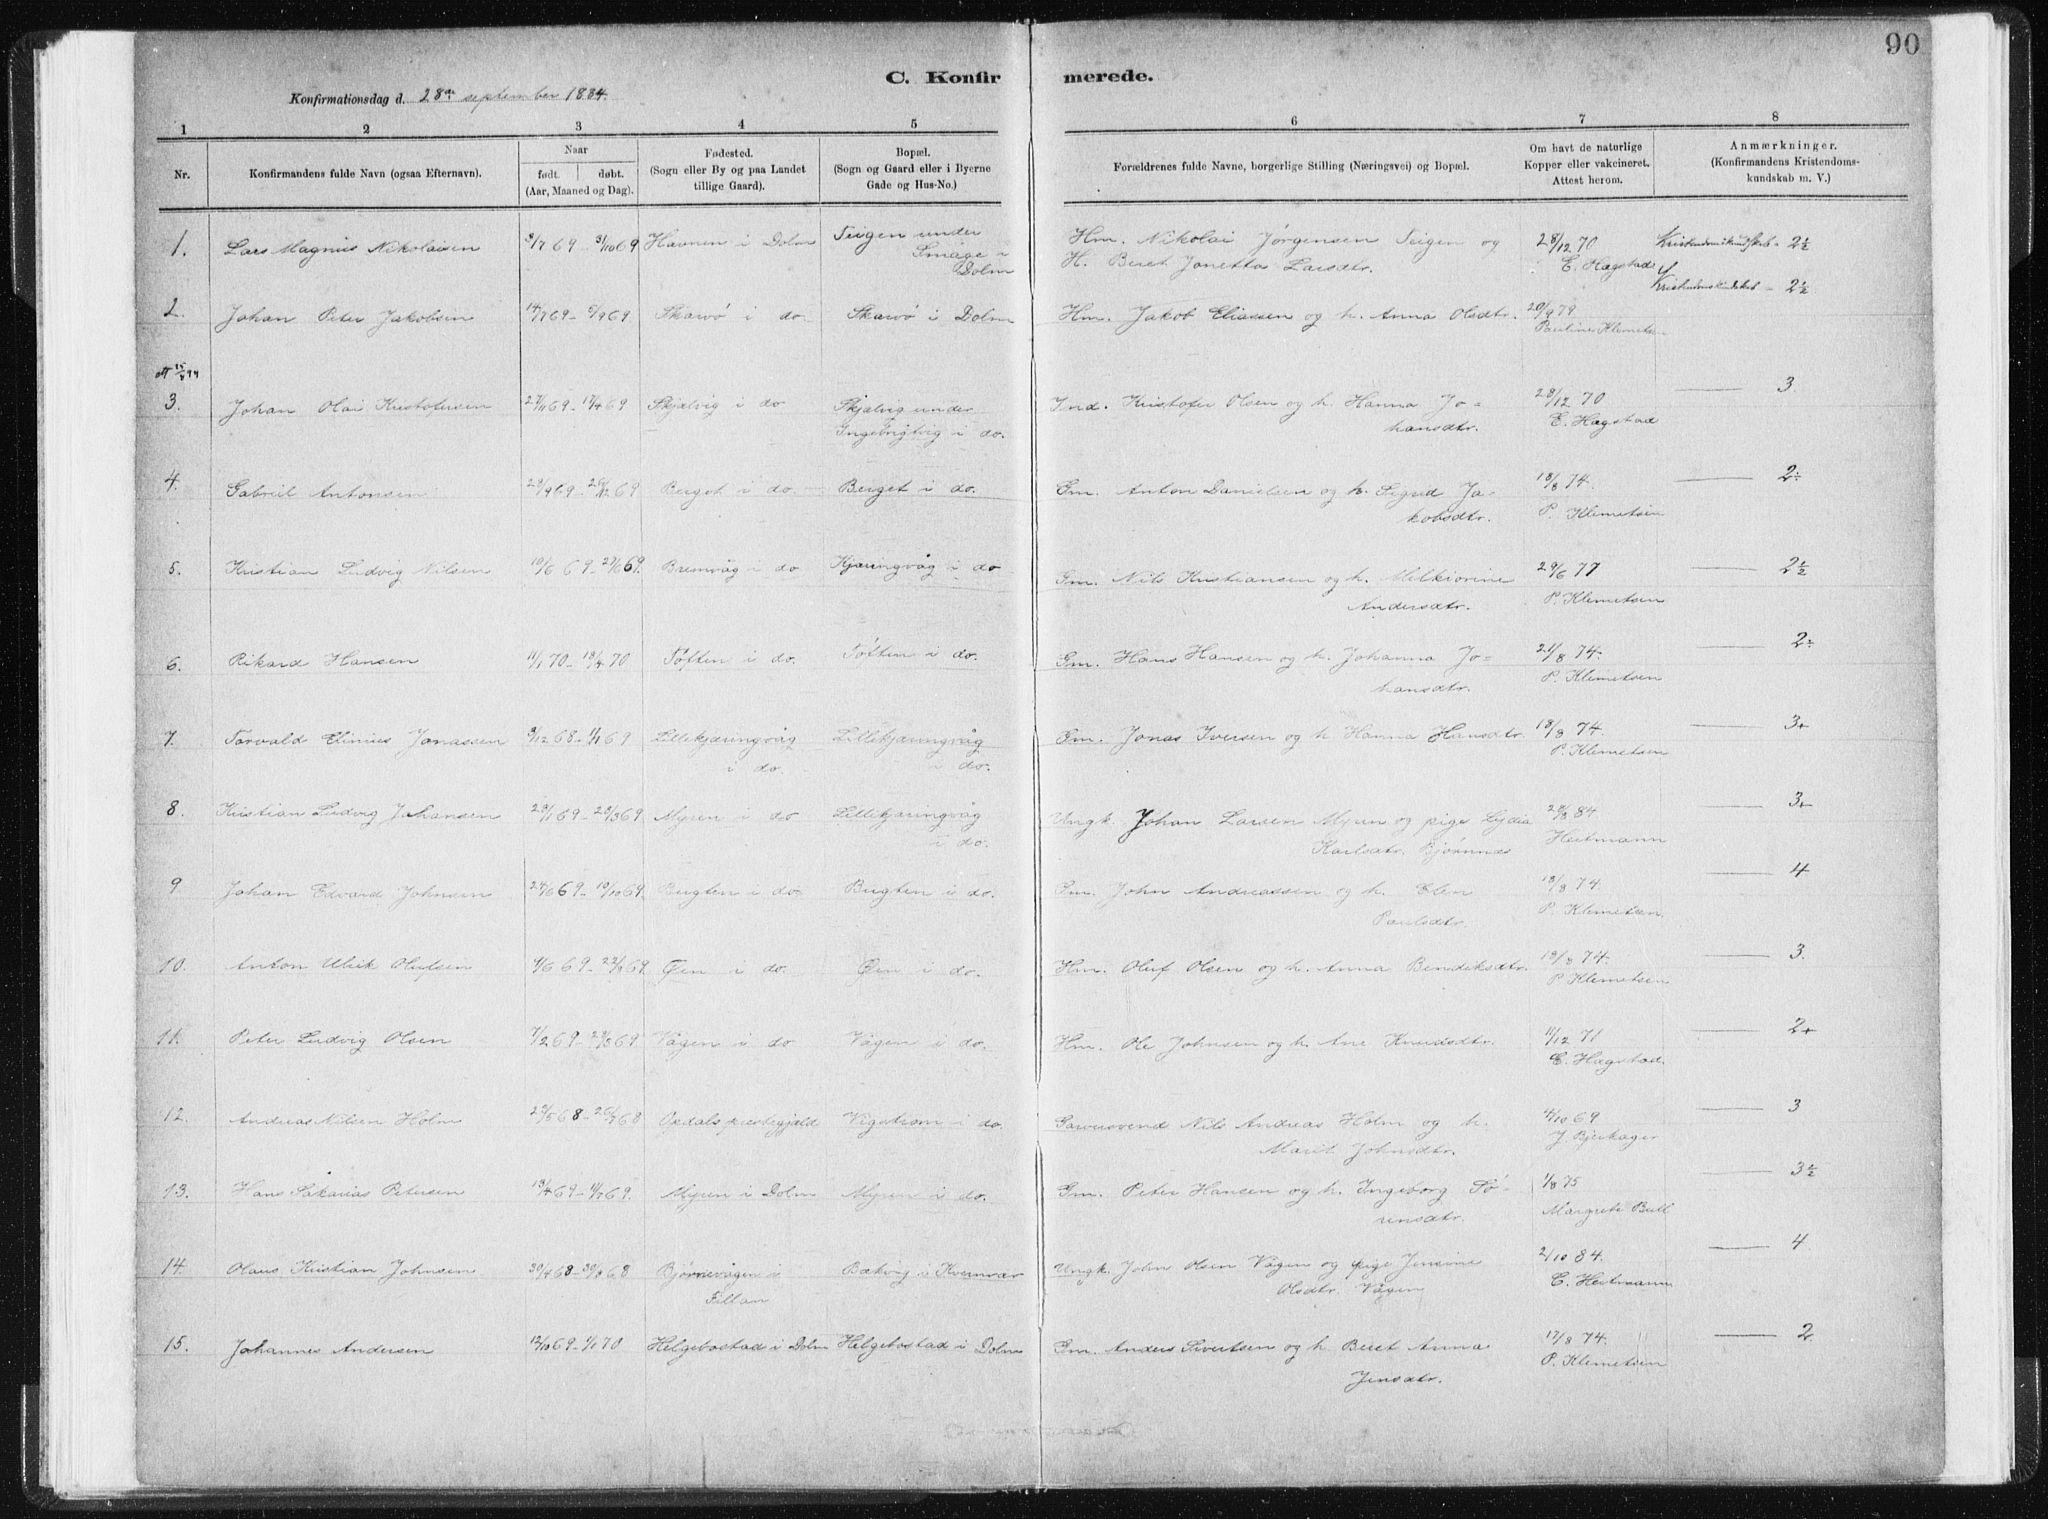 SAT, Ministerialprotokoller, klokkerbøker og fødselsregistre - Sør-Trøndelag, 634/L0533: Ministerialbok nr. 634A09, 1882-1901, s. 90